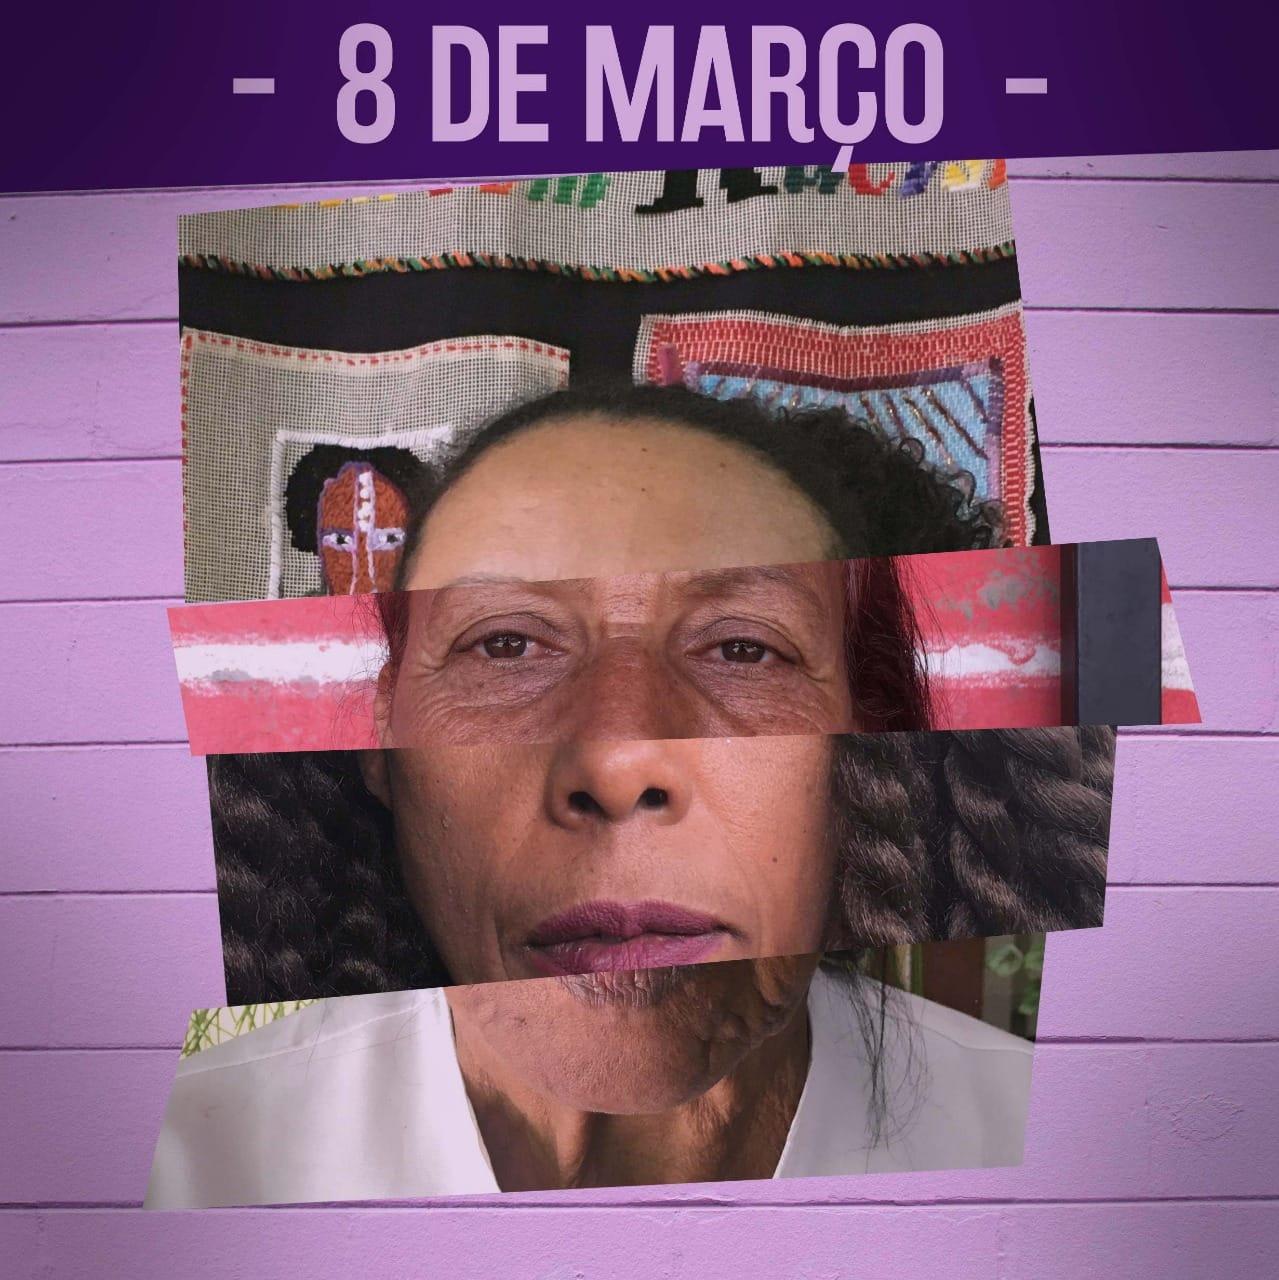 Marcha 8M - As Mulheres da Favela Exigem Paz